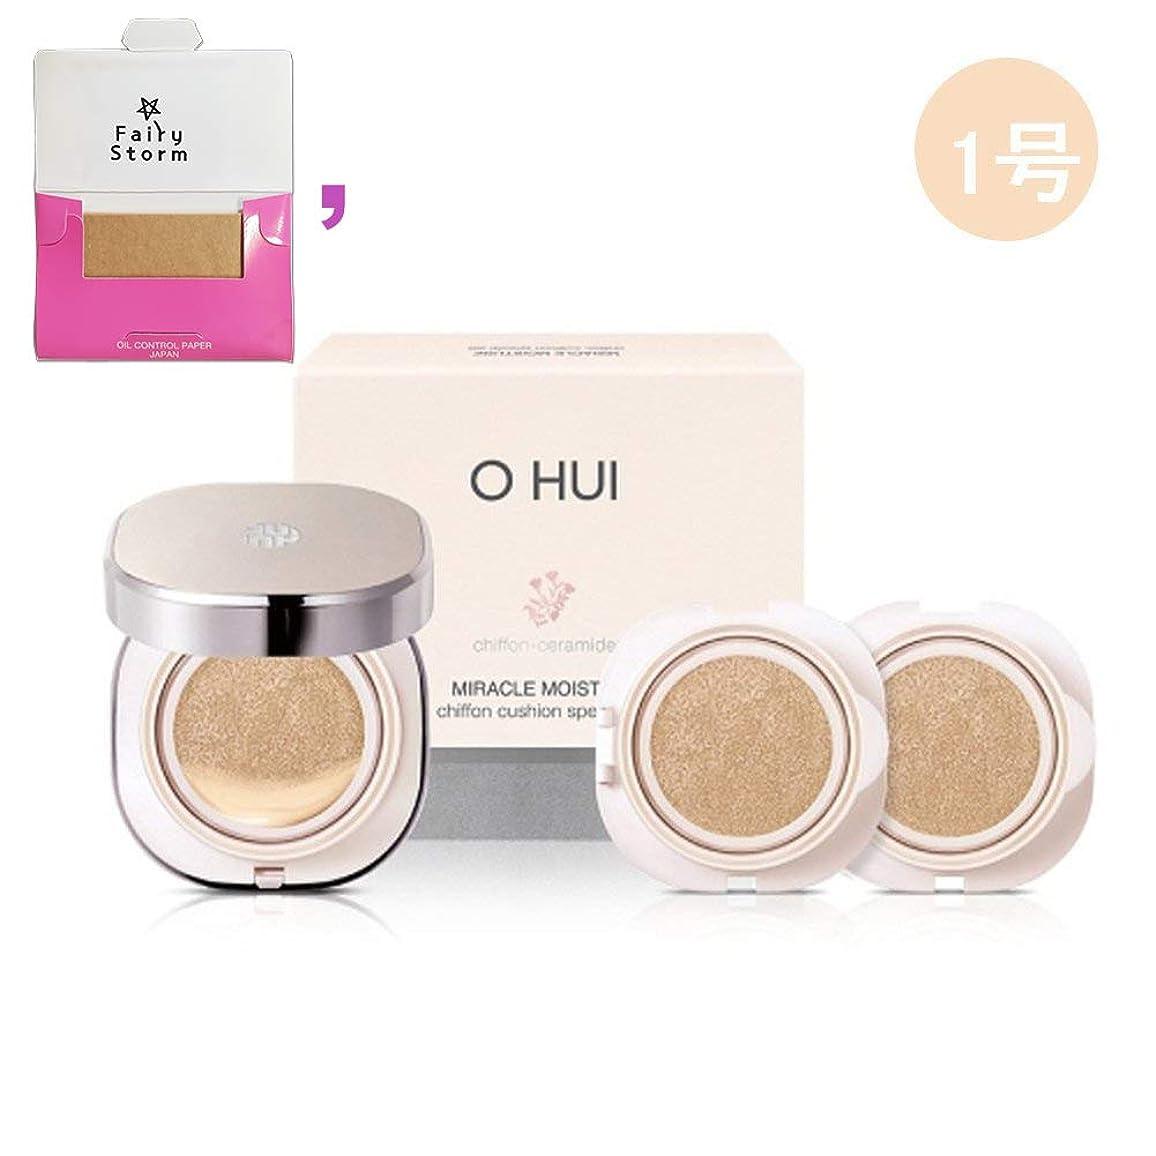 ベース隠す喜んで[オフィ/ O HUI]韓国化粧品 LG生活健康/ohui Miracle Moisture shiffon cushion/ミラクル モイスチャーシフォンクッ ション + [Sample Gift](海外直送品) (1号)